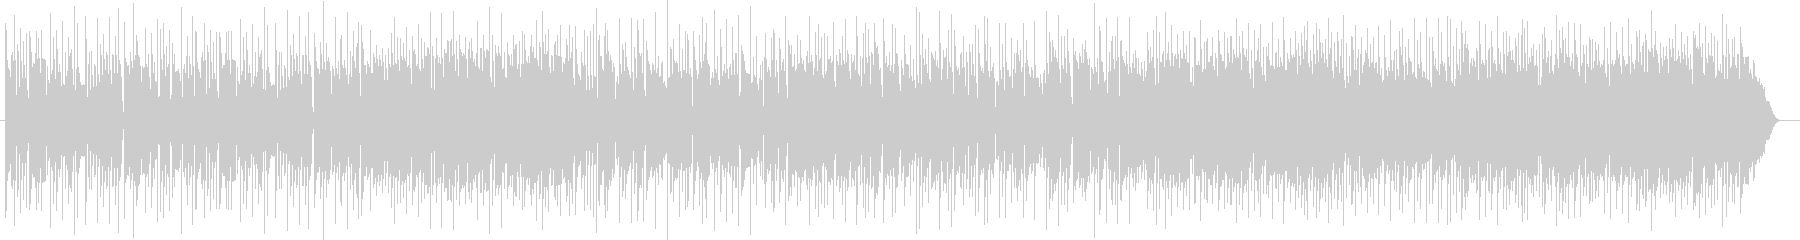 ミディアムテンポのギターサウンドの未再生の波形